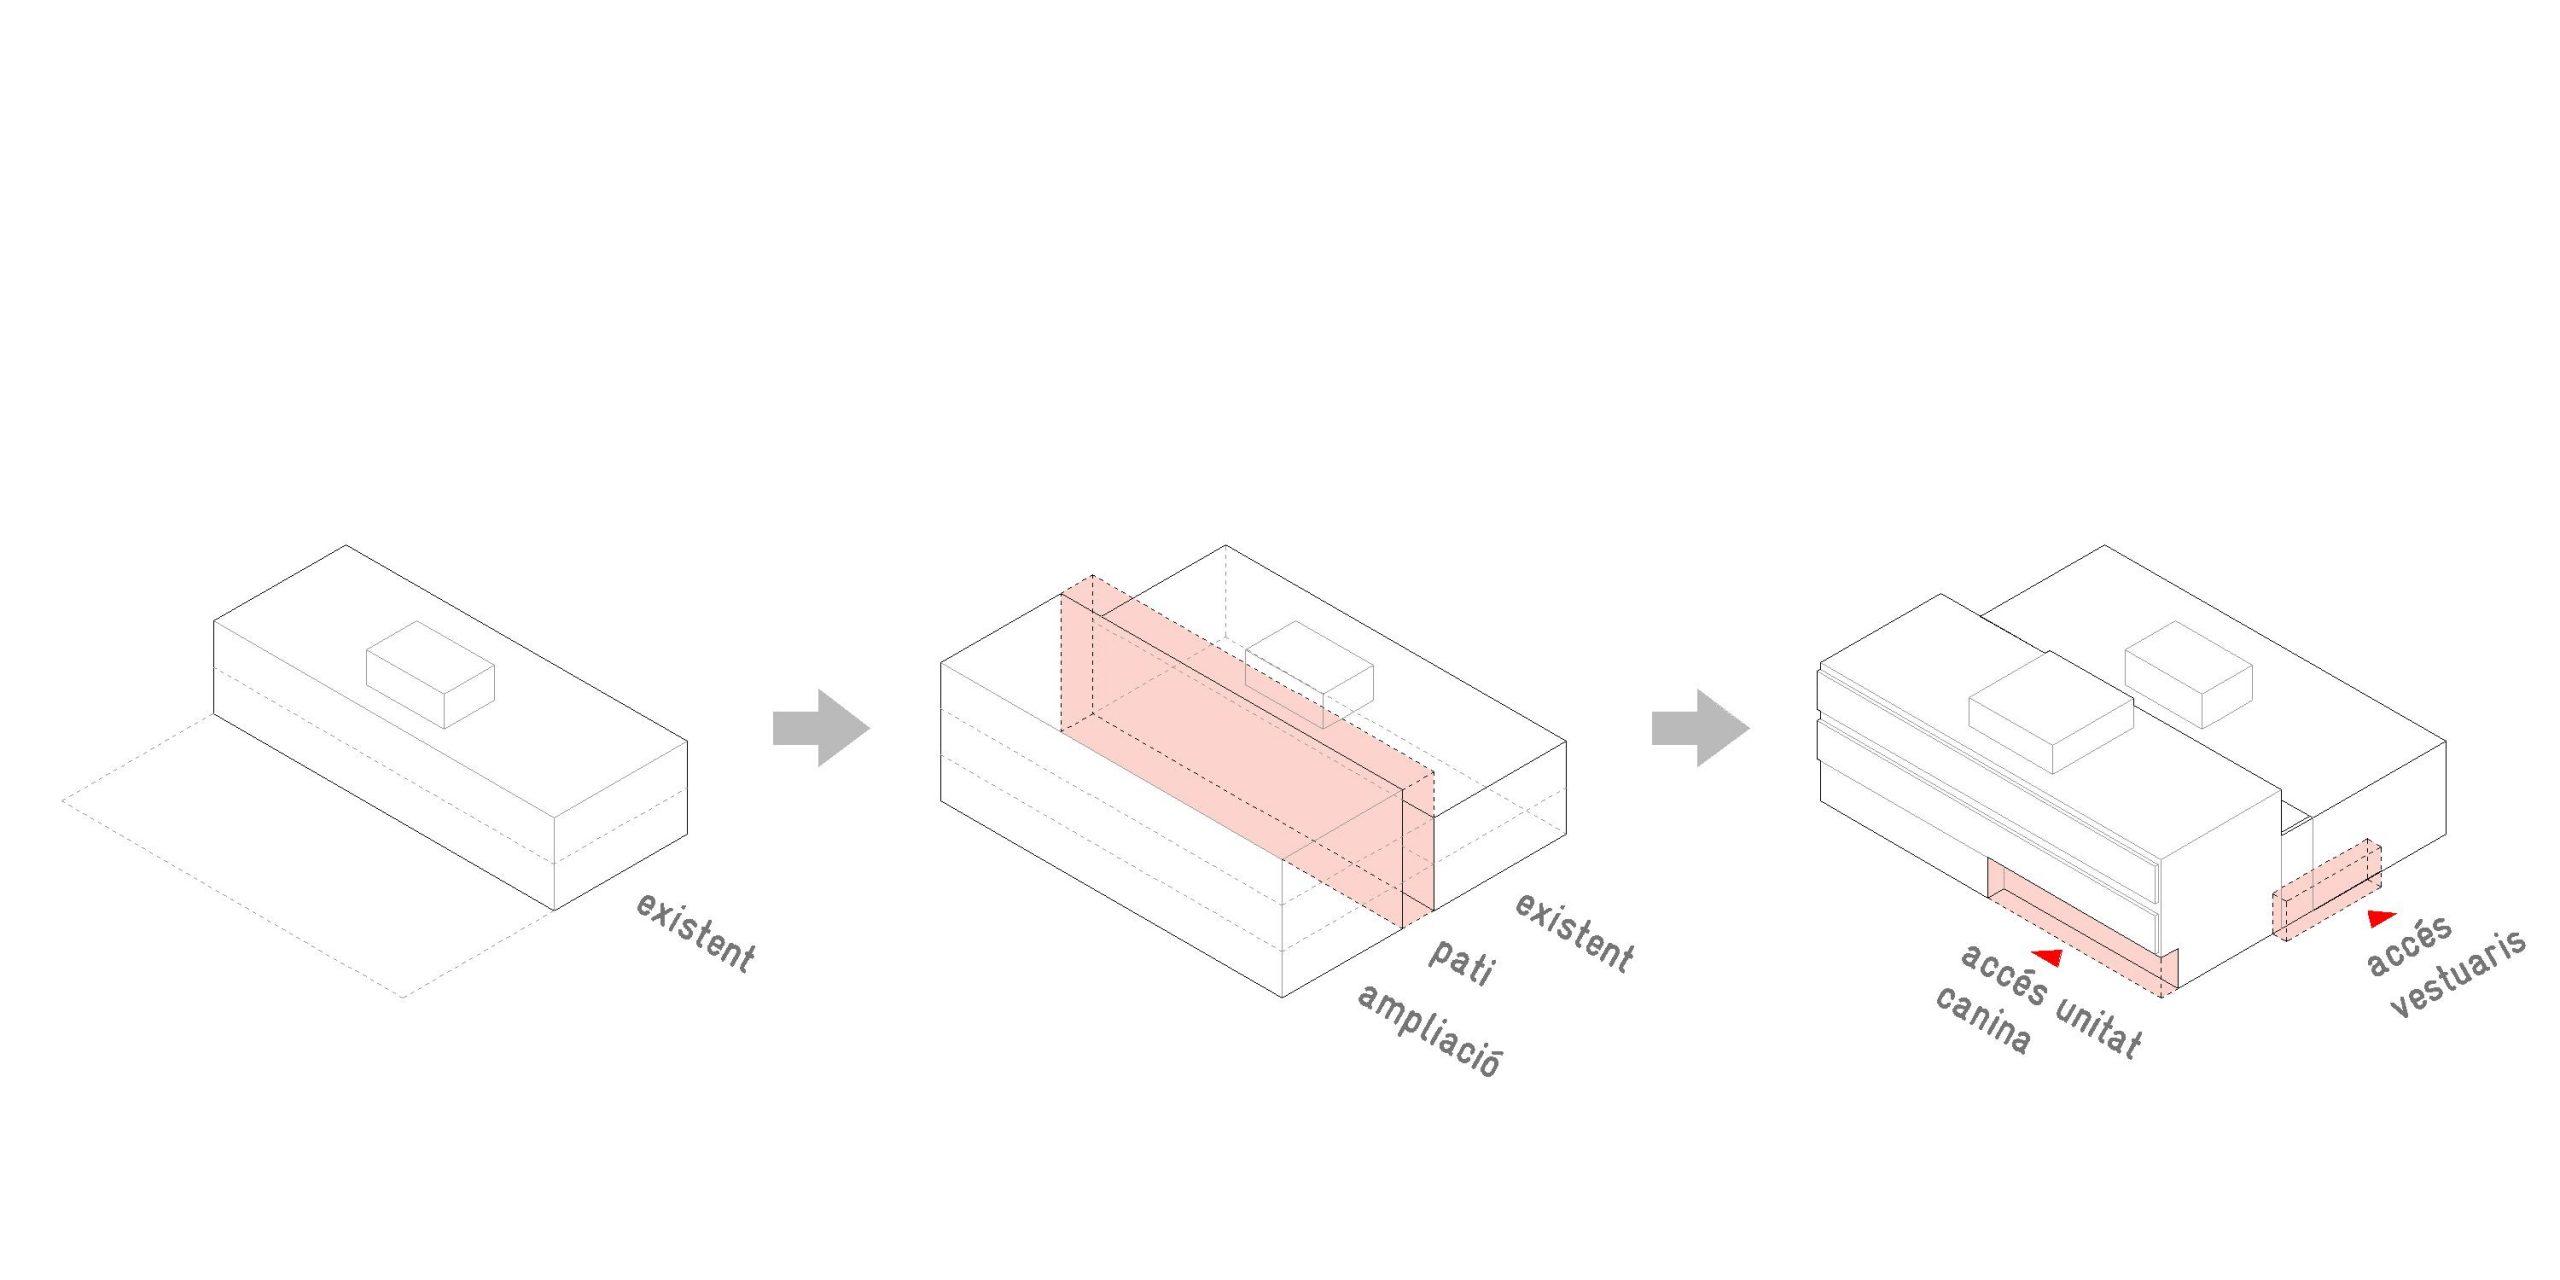 documentació gràfica, esquemes